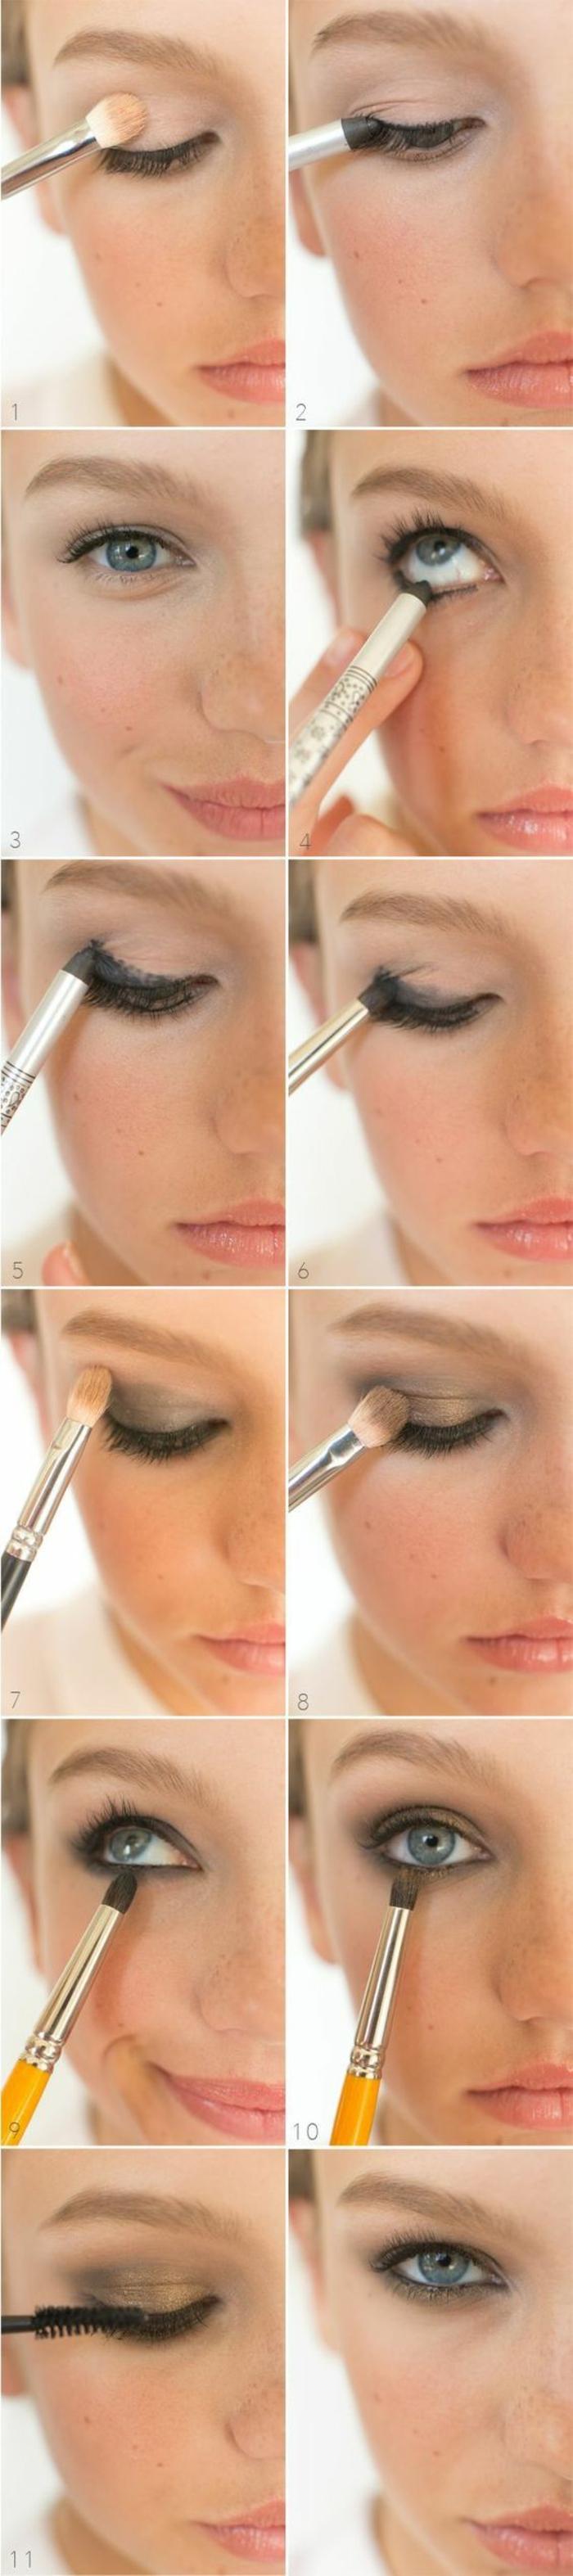 Faire un beau maquillage comment bien ce maquiller en étapes